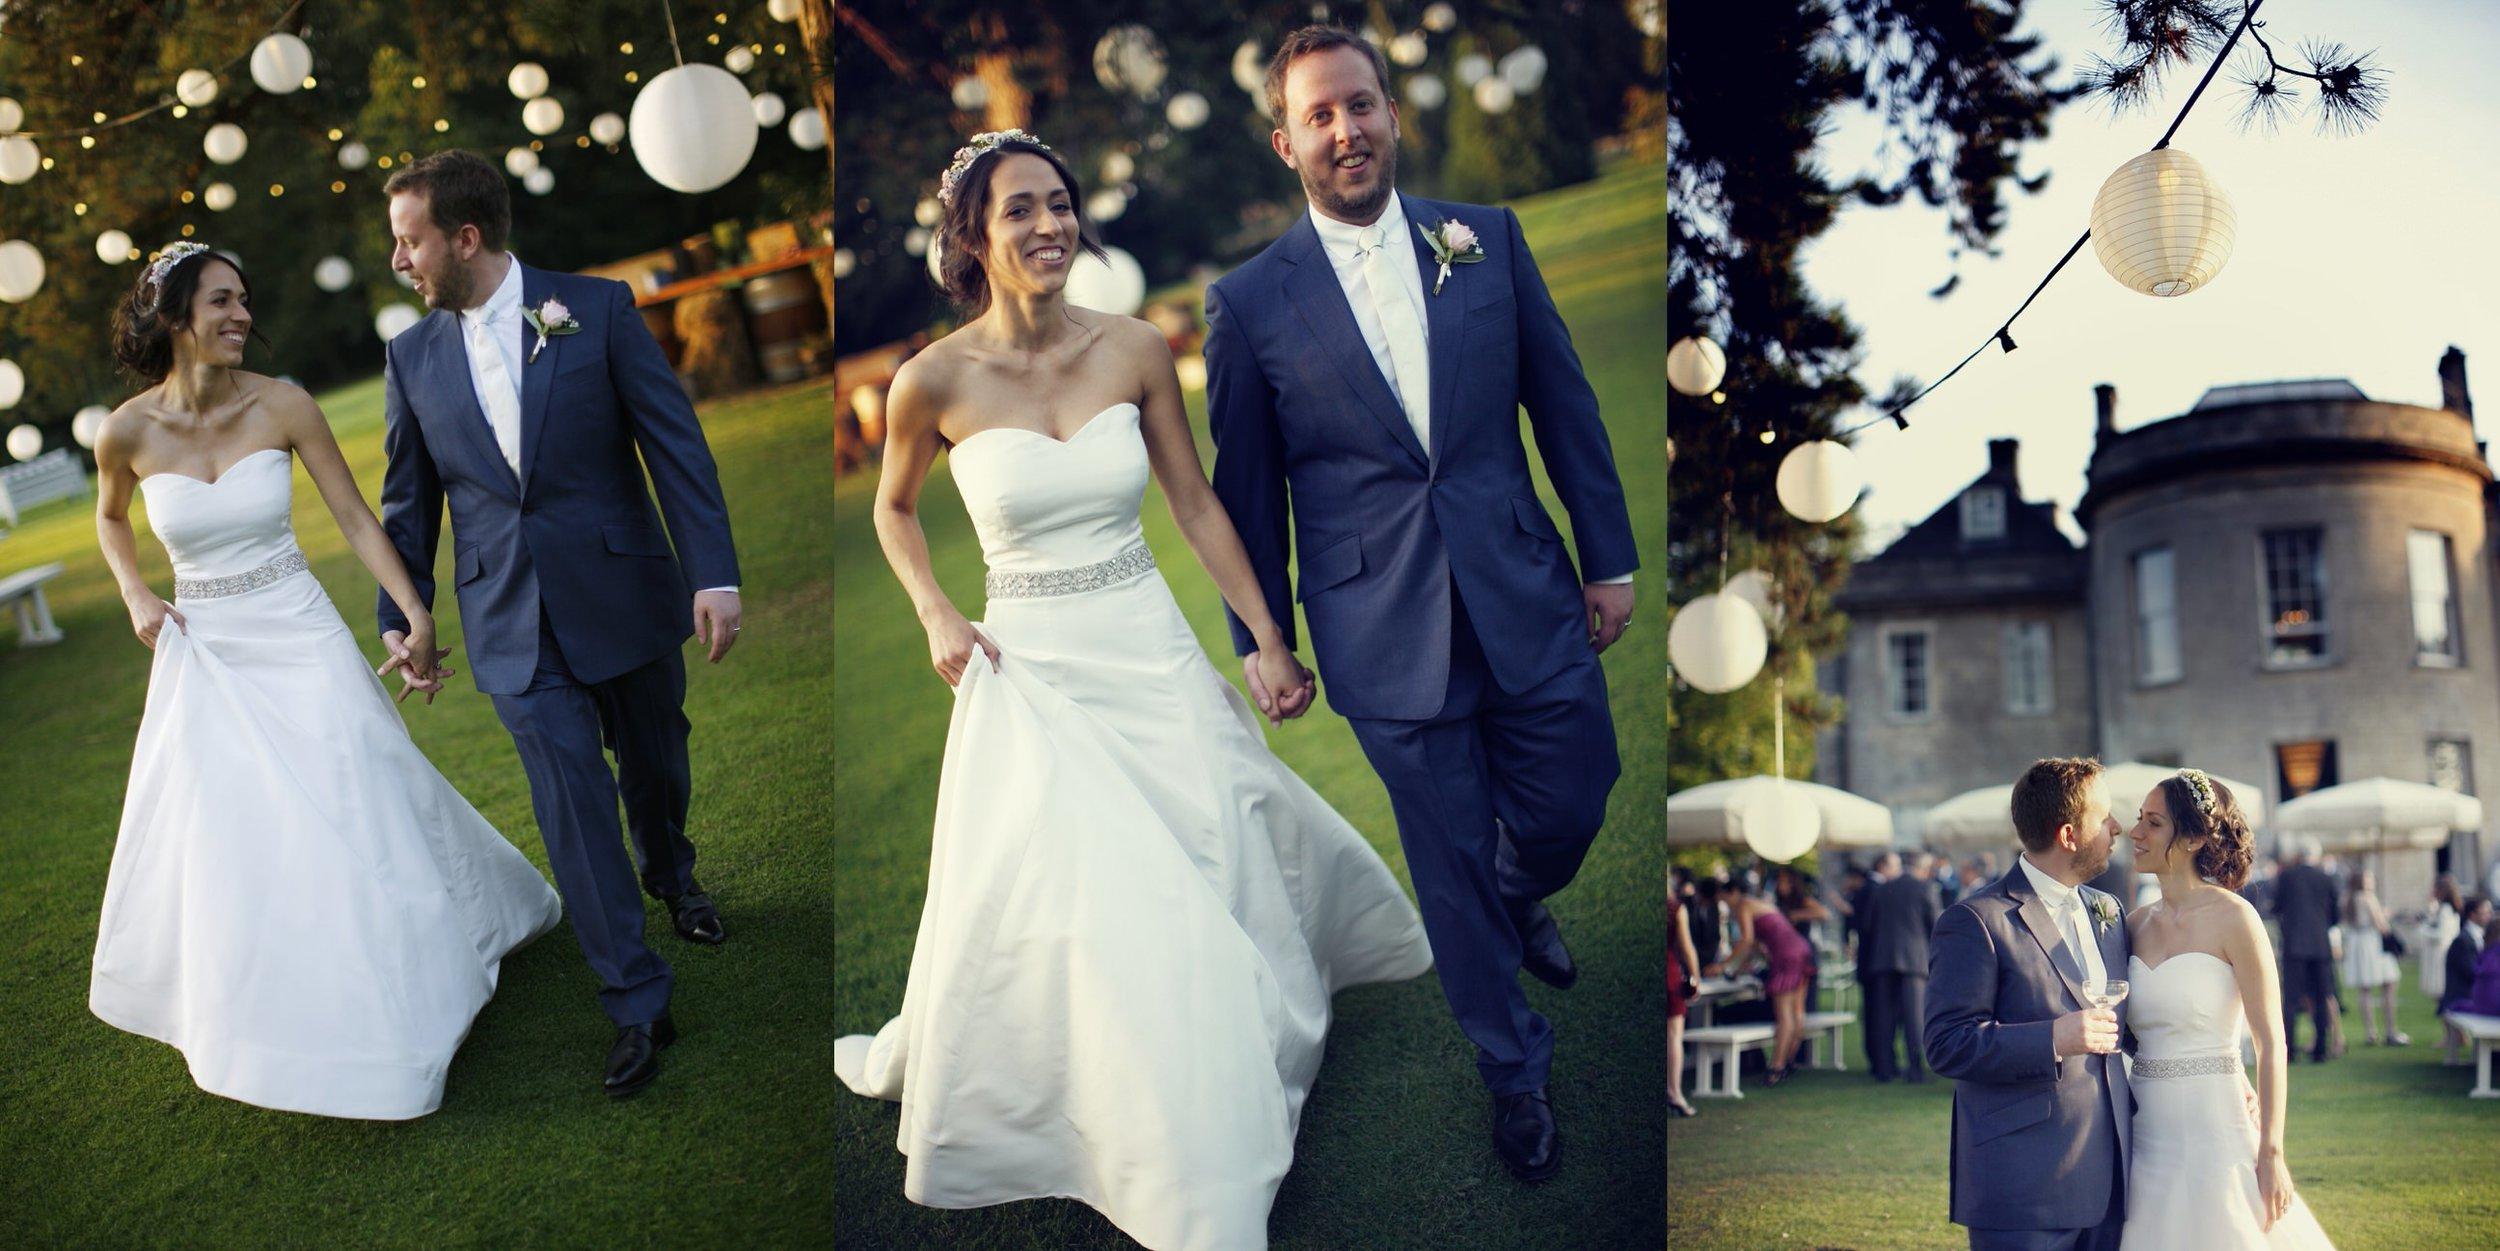 babington-house-frome-wedding_0020.jpg